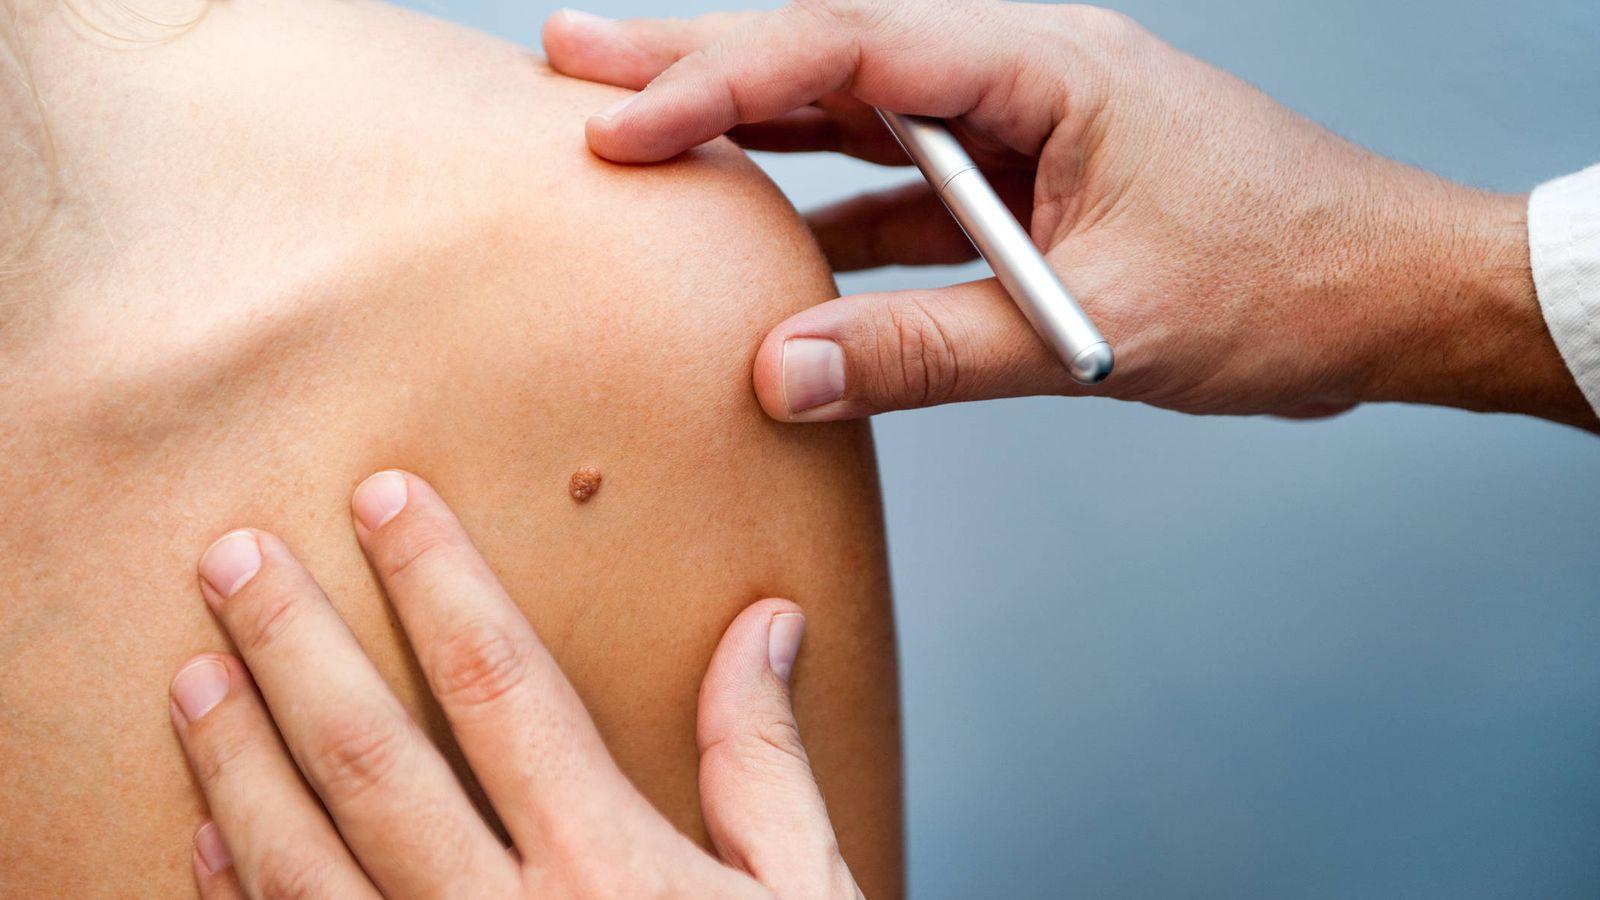 Salud: Síntomas del melanoma que no deberías ignorar (y lo haces a menudo)